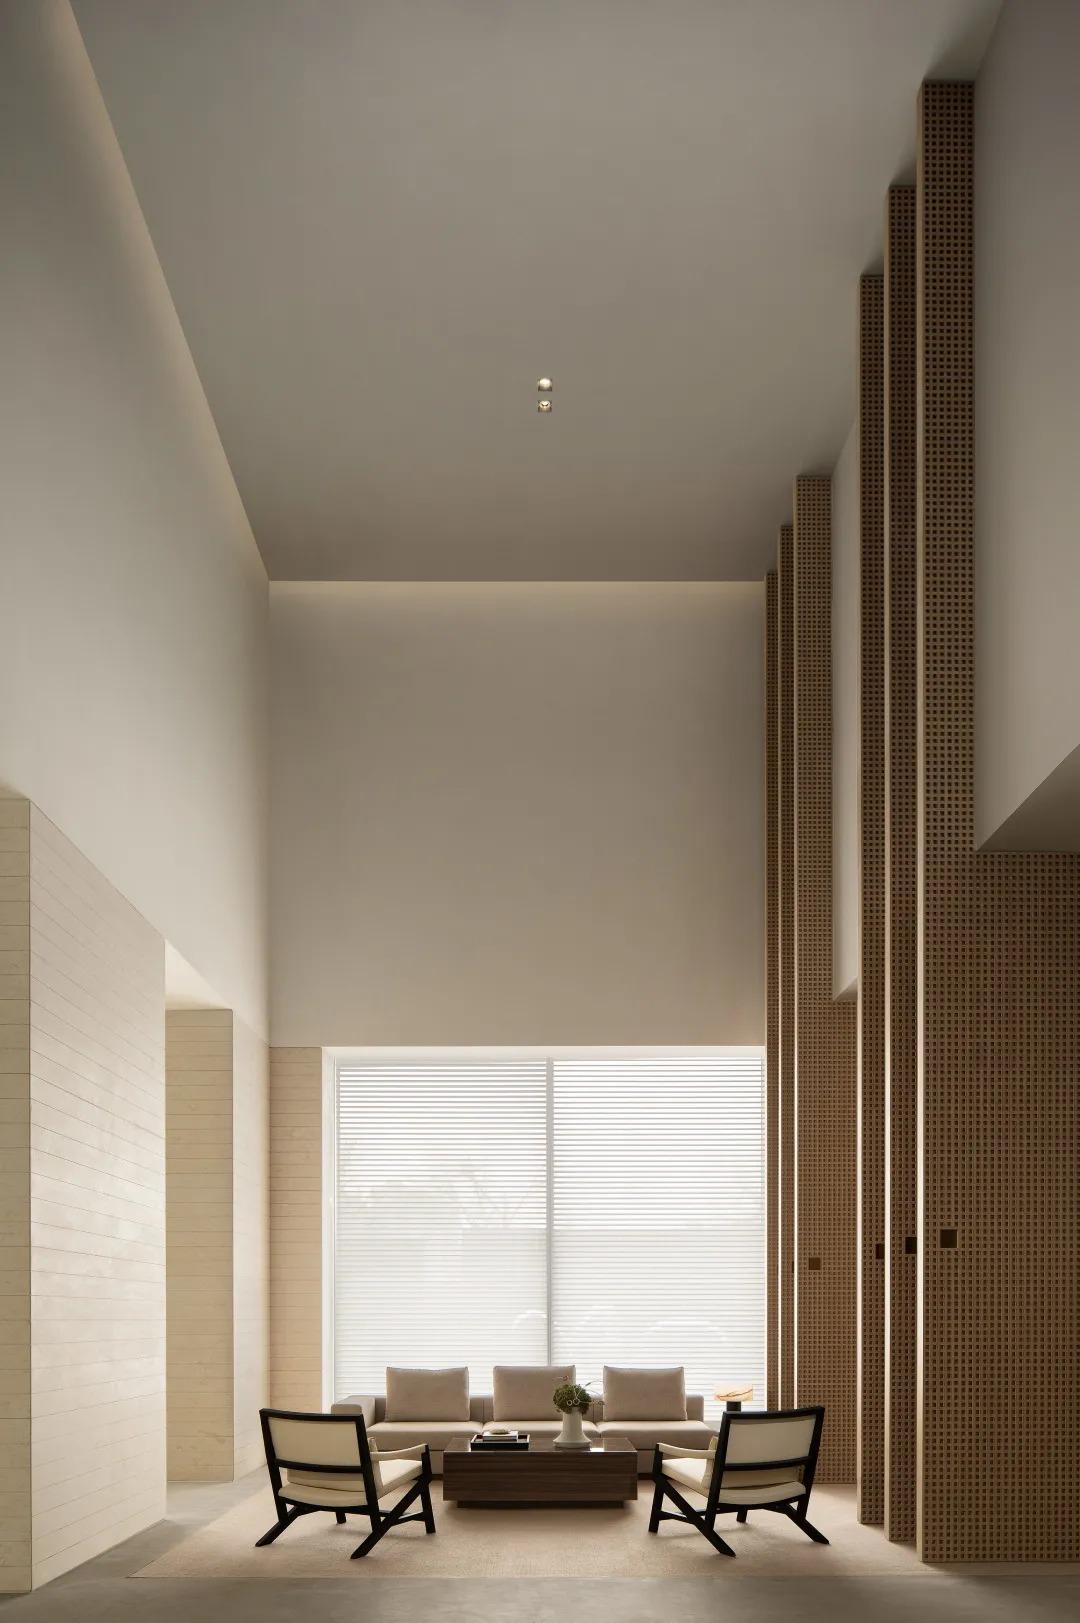 郑州 绿城湖畔云庐  室内设计 / 矩阵纵横